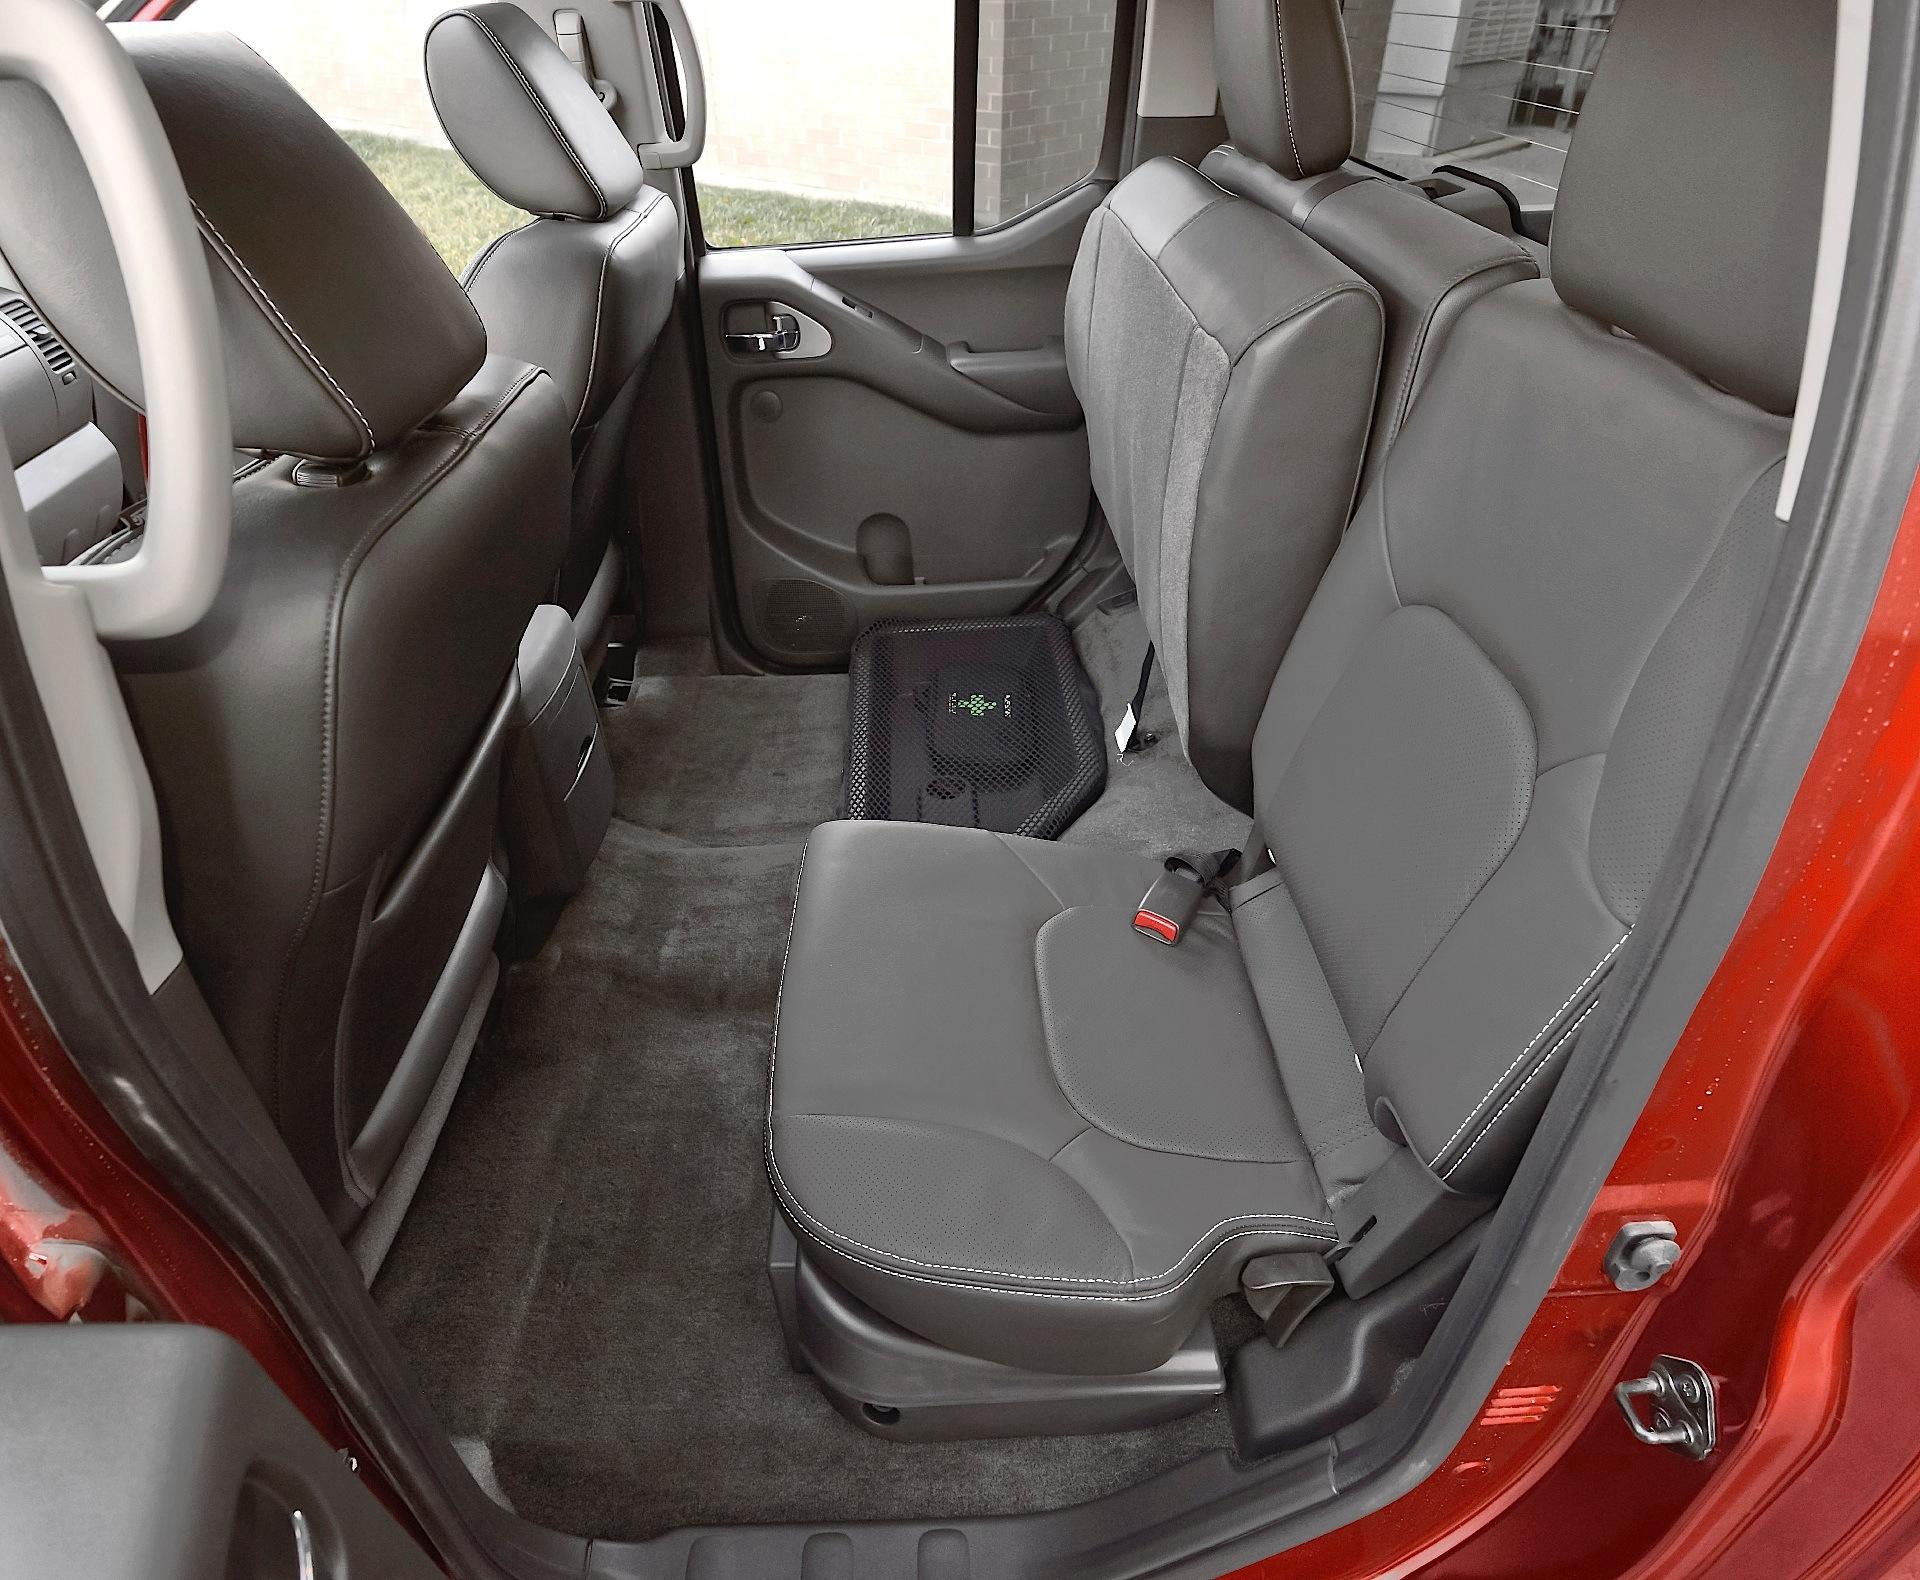 Nissan Frontier 2009 2010 2011 2012 2013 2014 2015